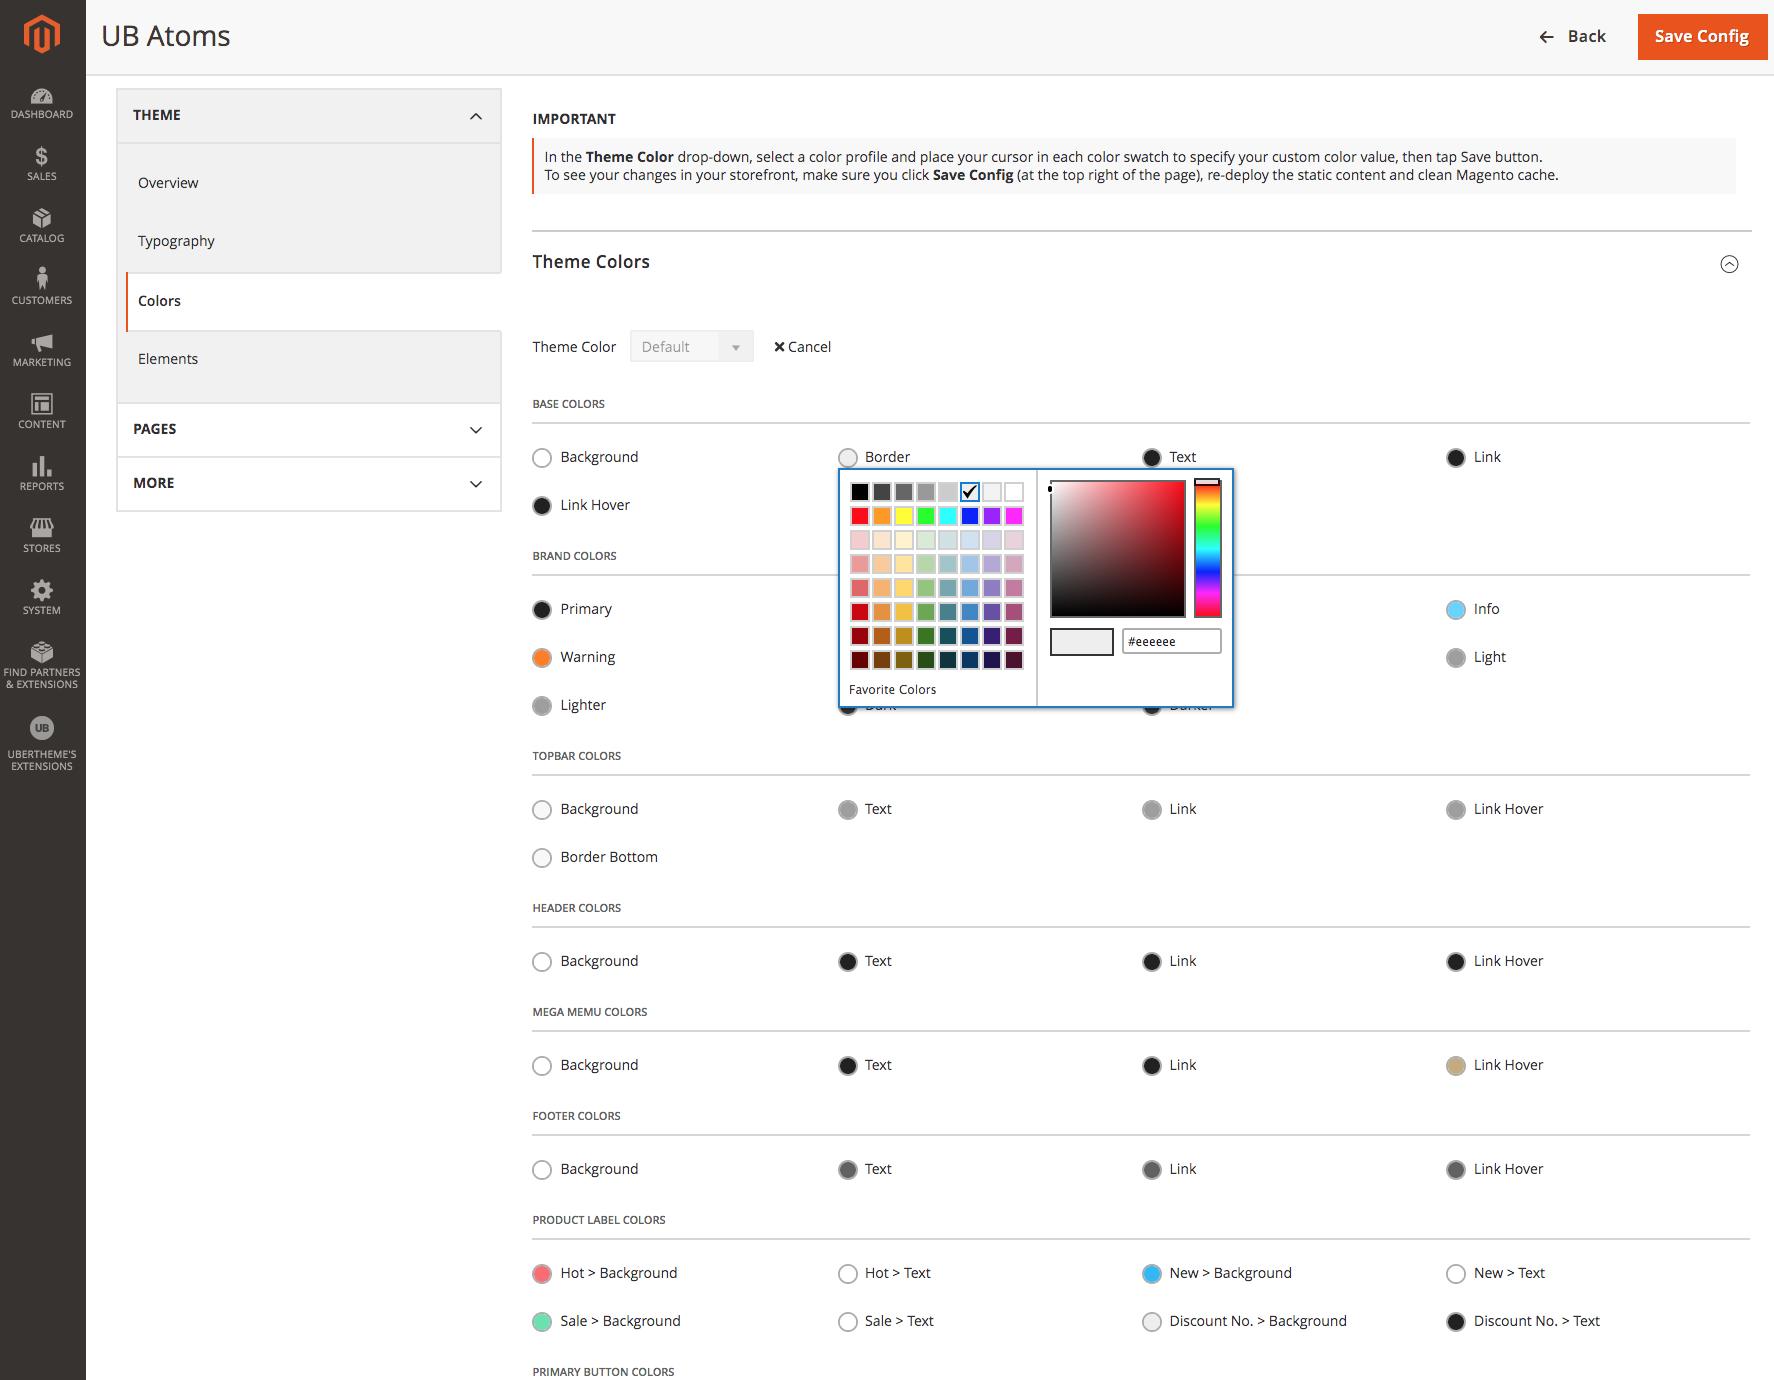 UB Atoms - Flexible Color Options